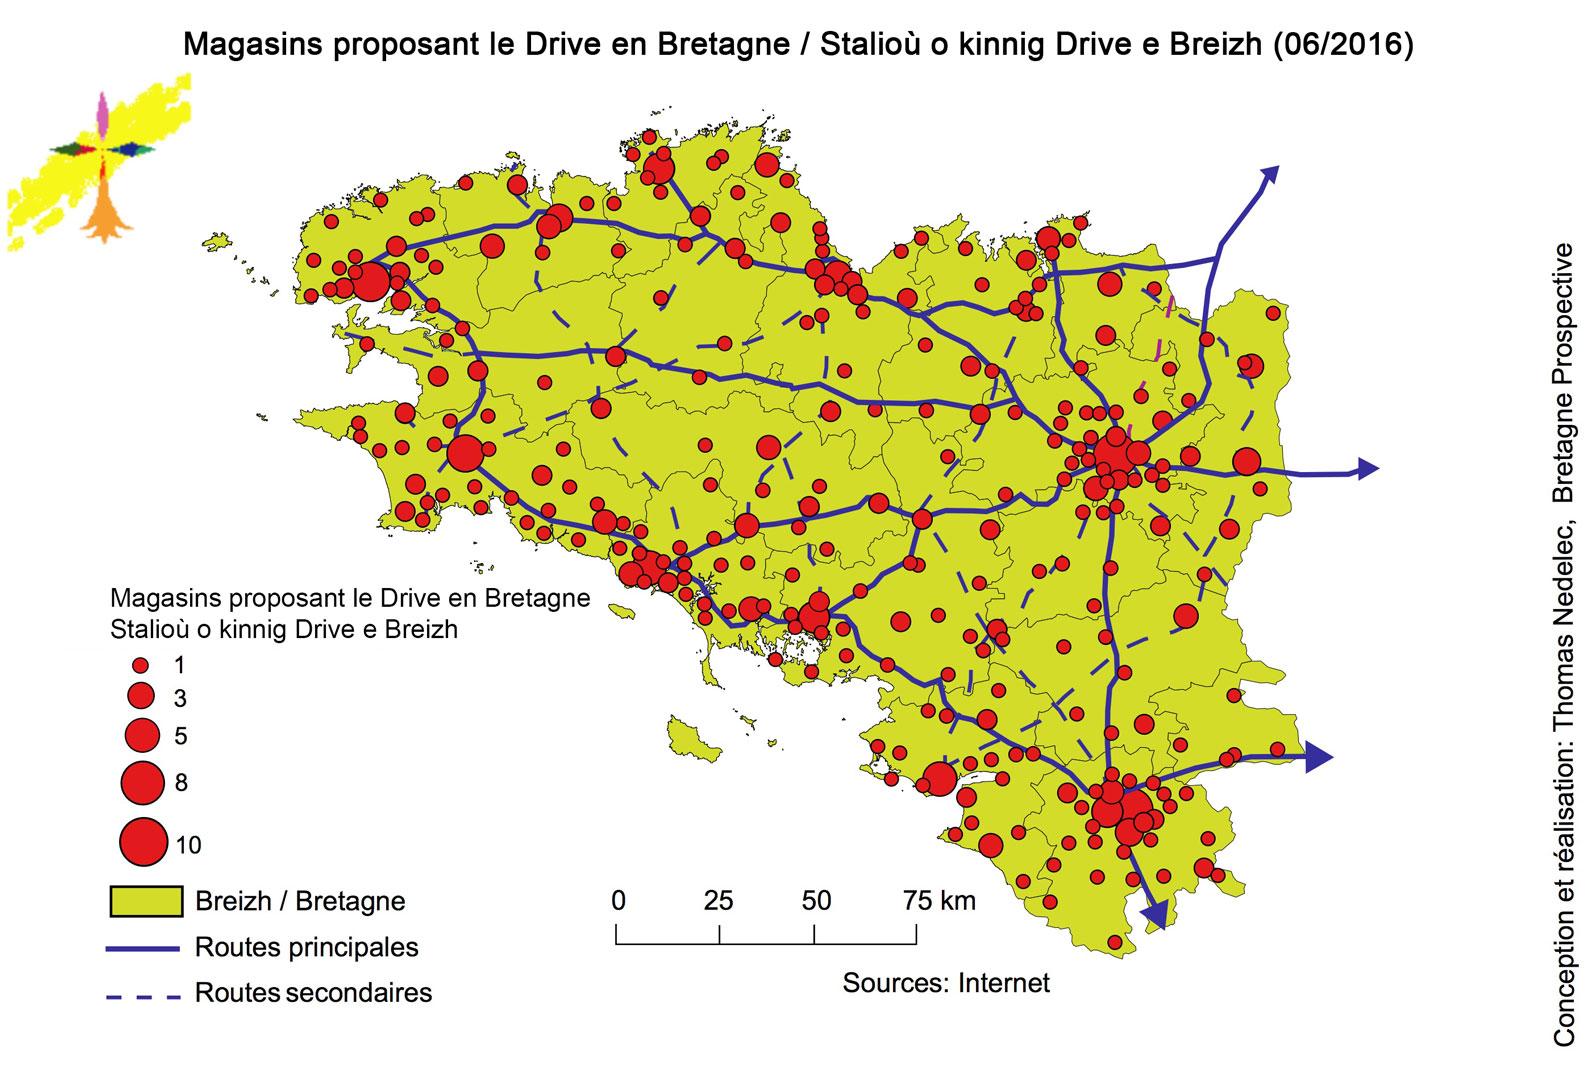 La géographie big bazar des drives ?